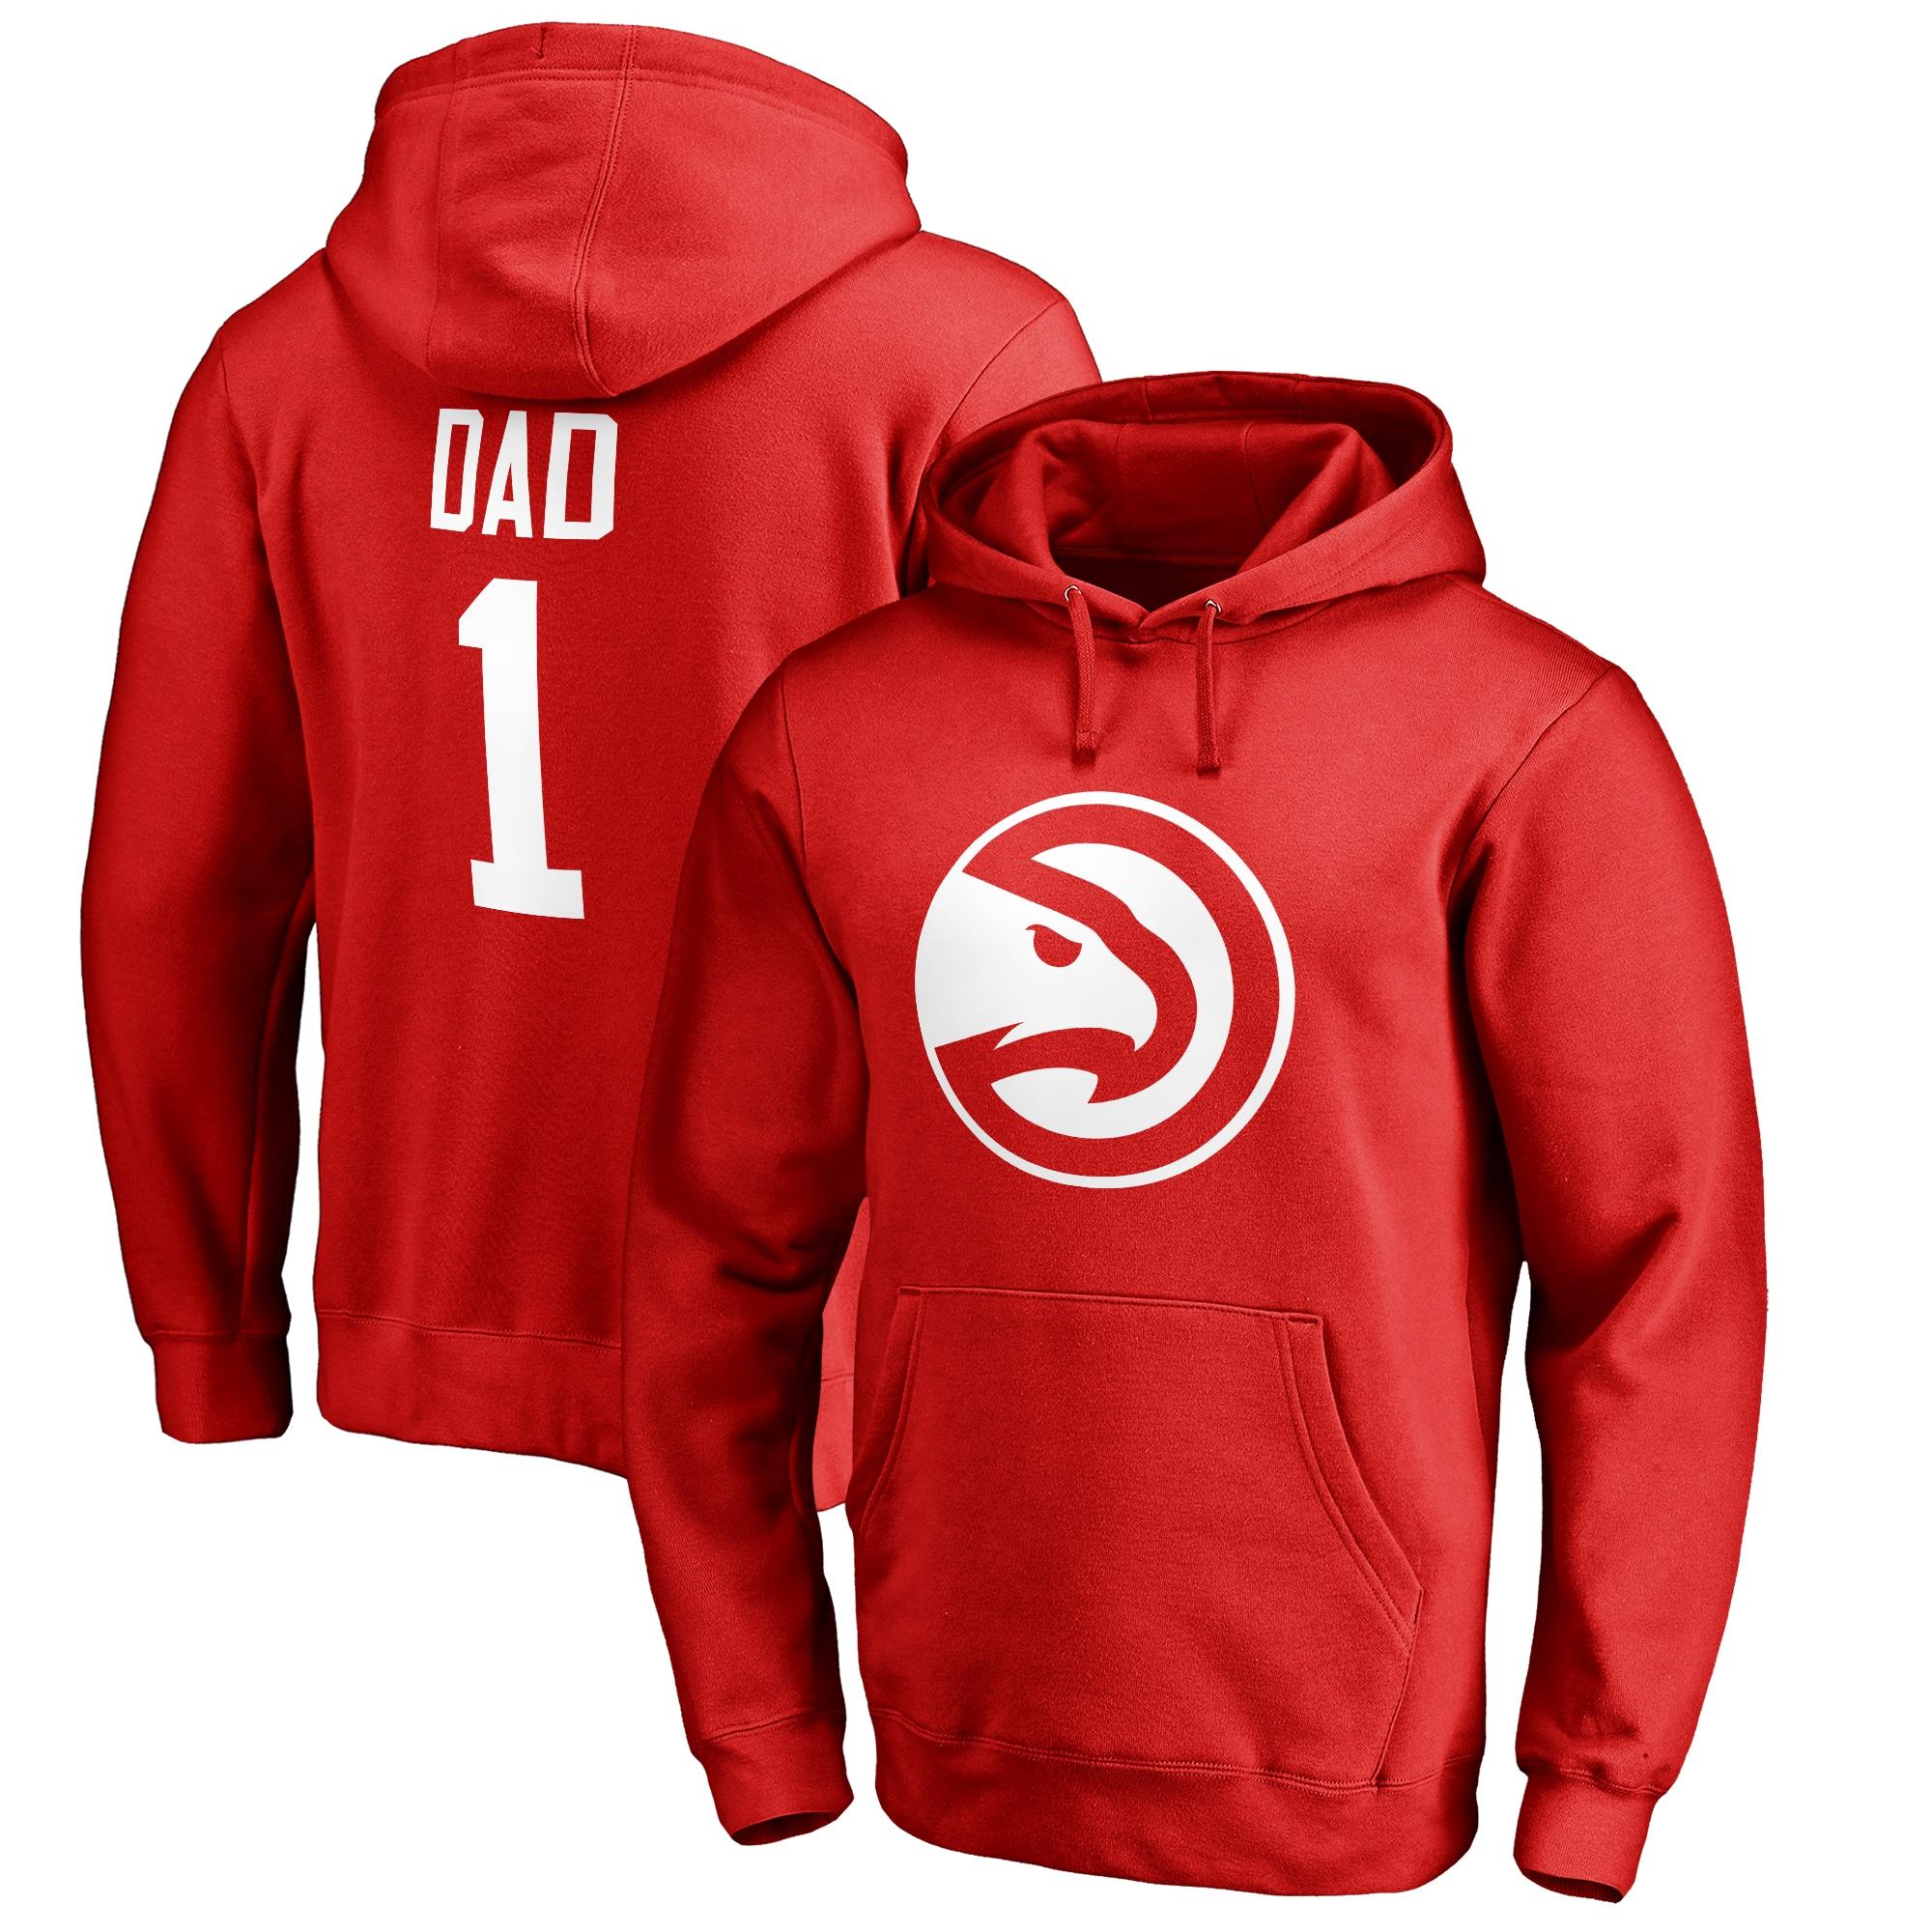 Atlanta Hawks #1 Dad Pullover Hoodie - Red